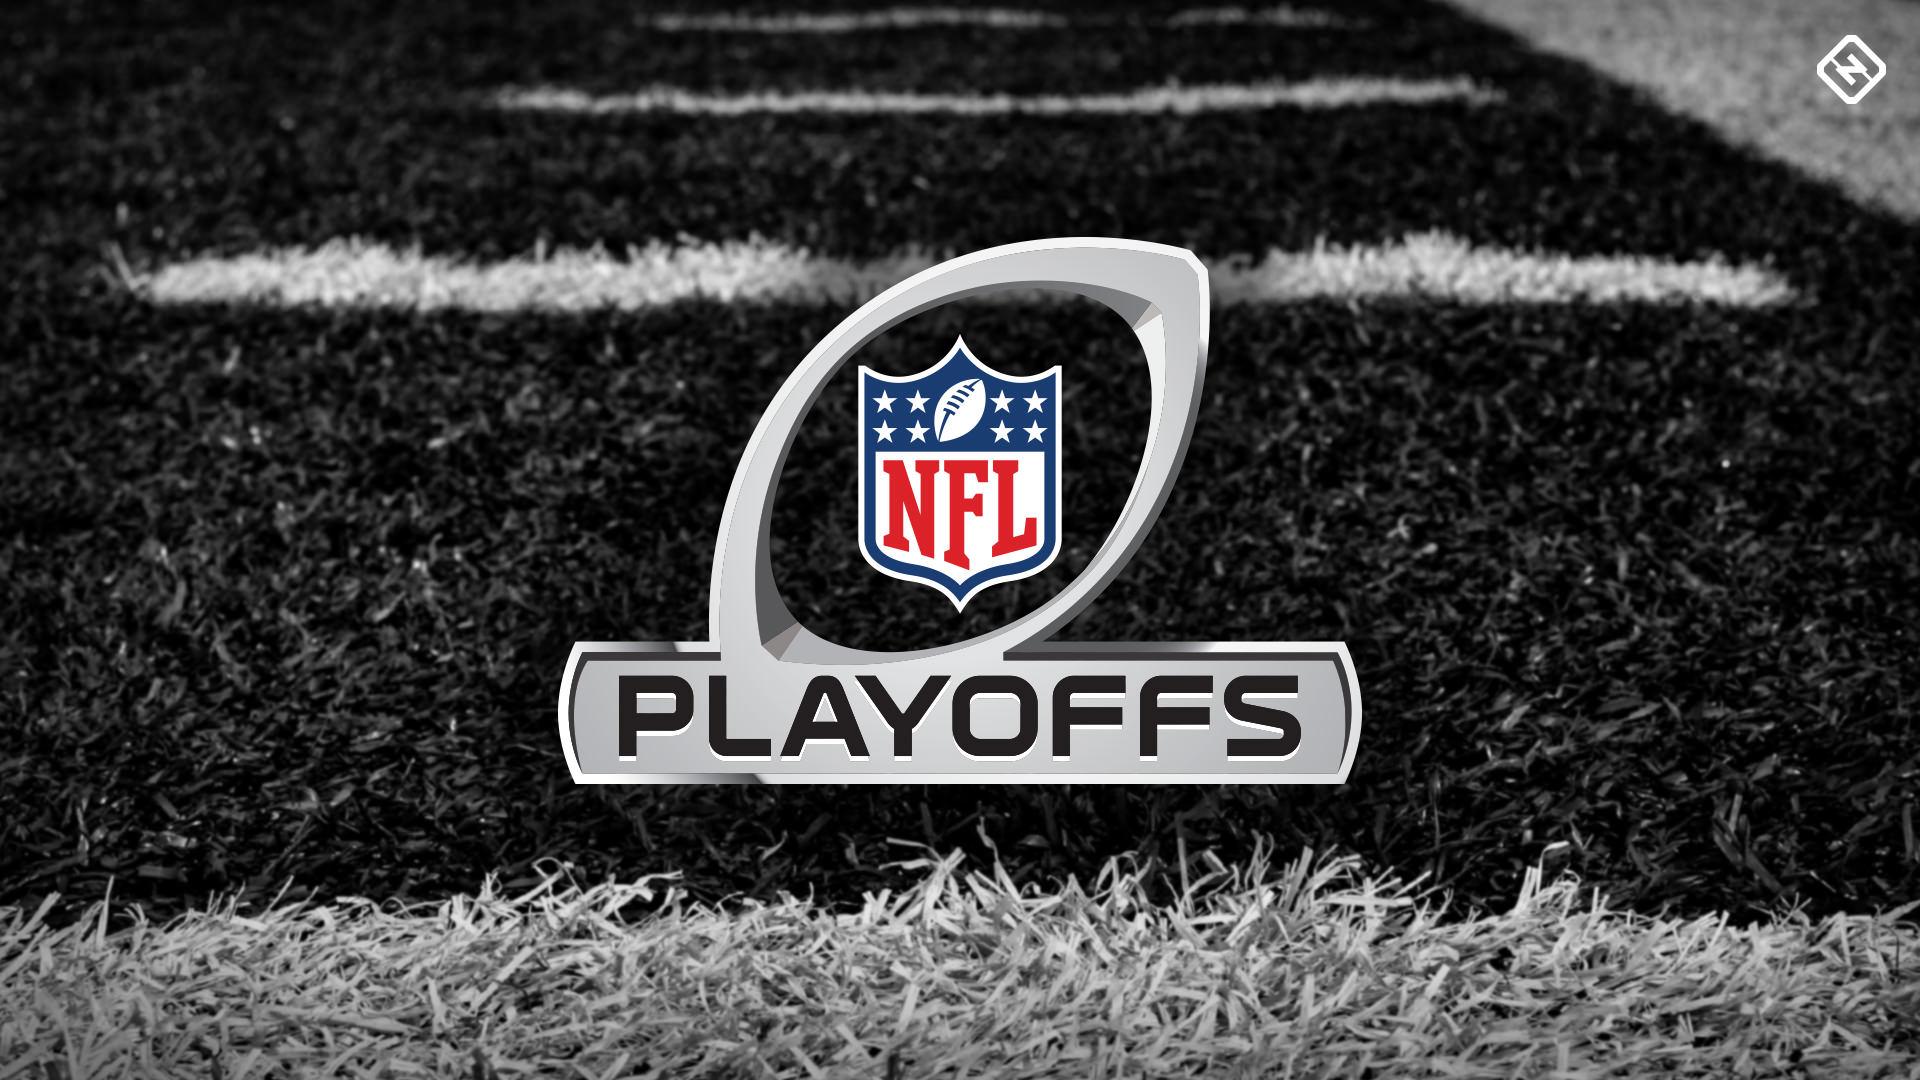 Cenários de conquista do playoff da NFL para Packers, Steelers, Chiefs, Saints, Bills na Semana 14